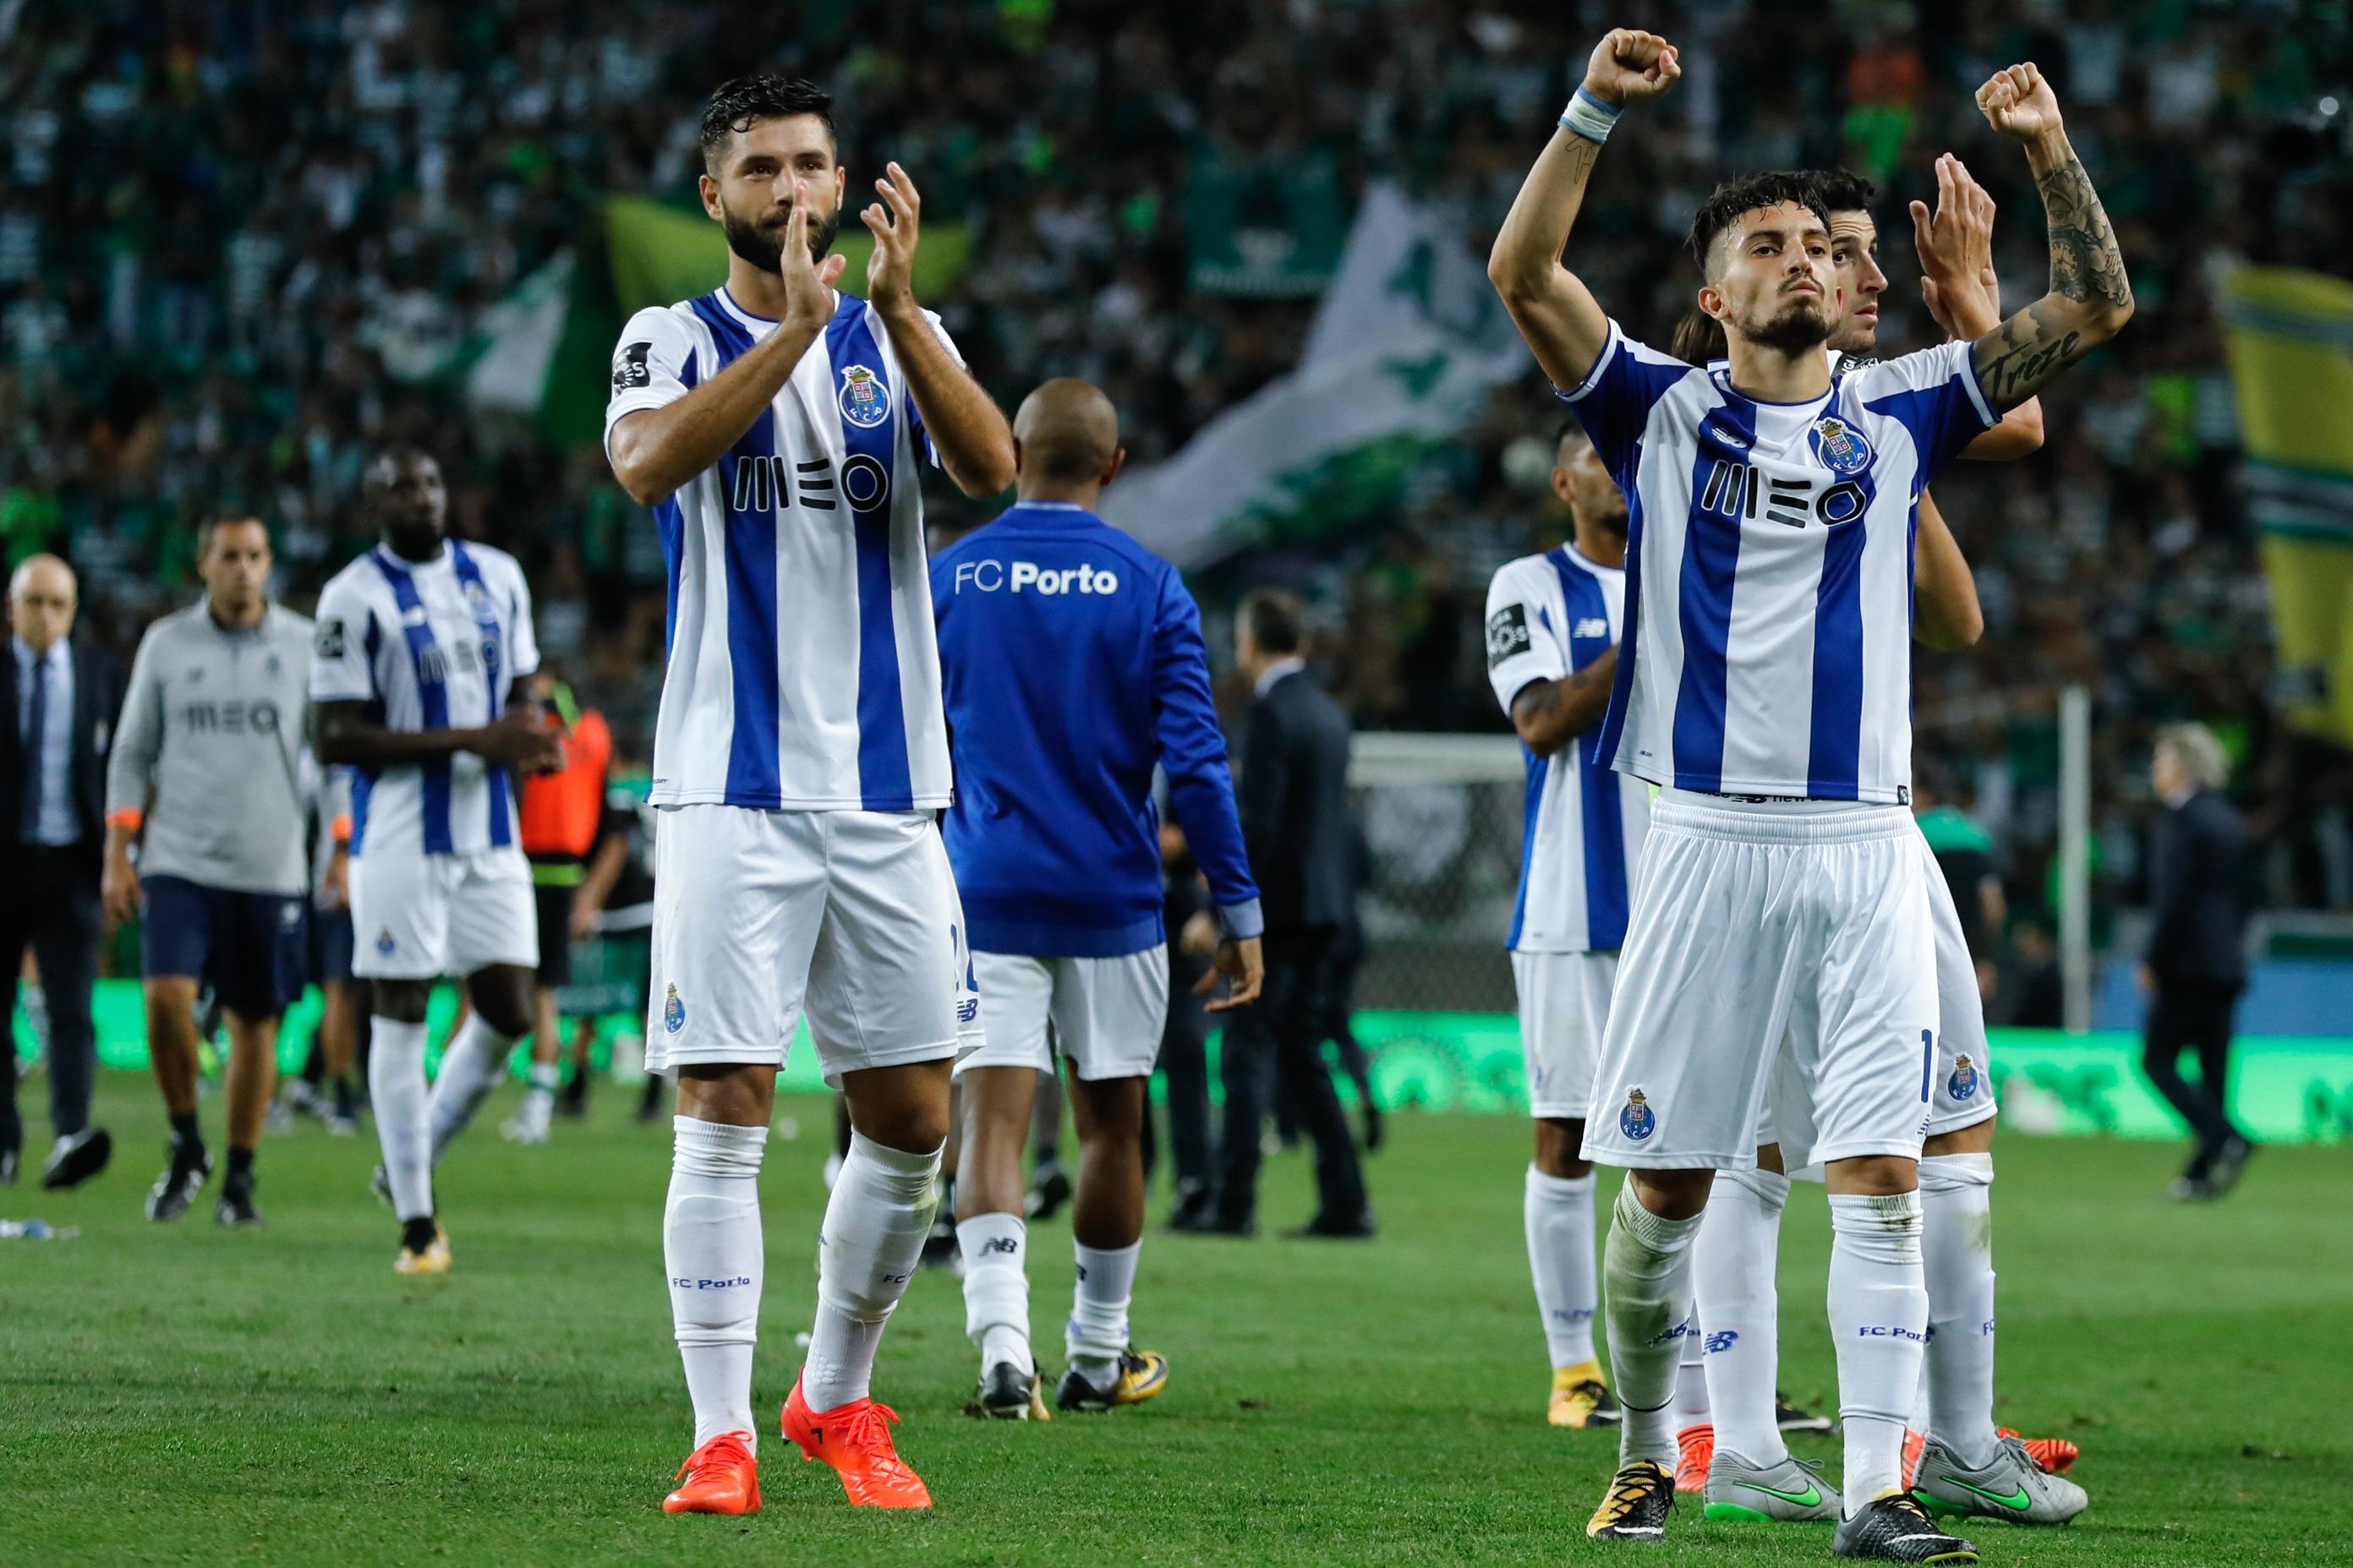 Atacantes brilham, Porto vence e volta à liderança do Português